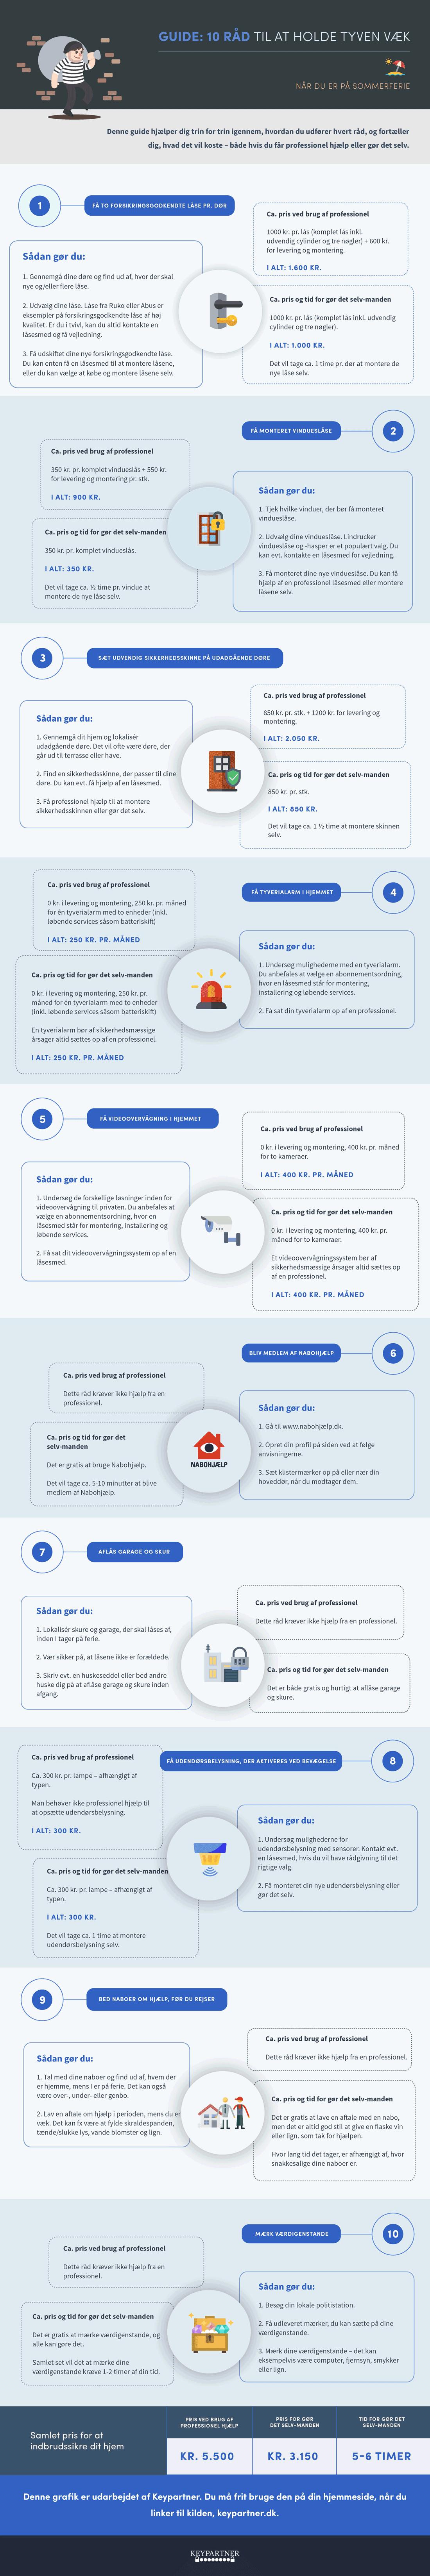 10 råd til indbrudssikring